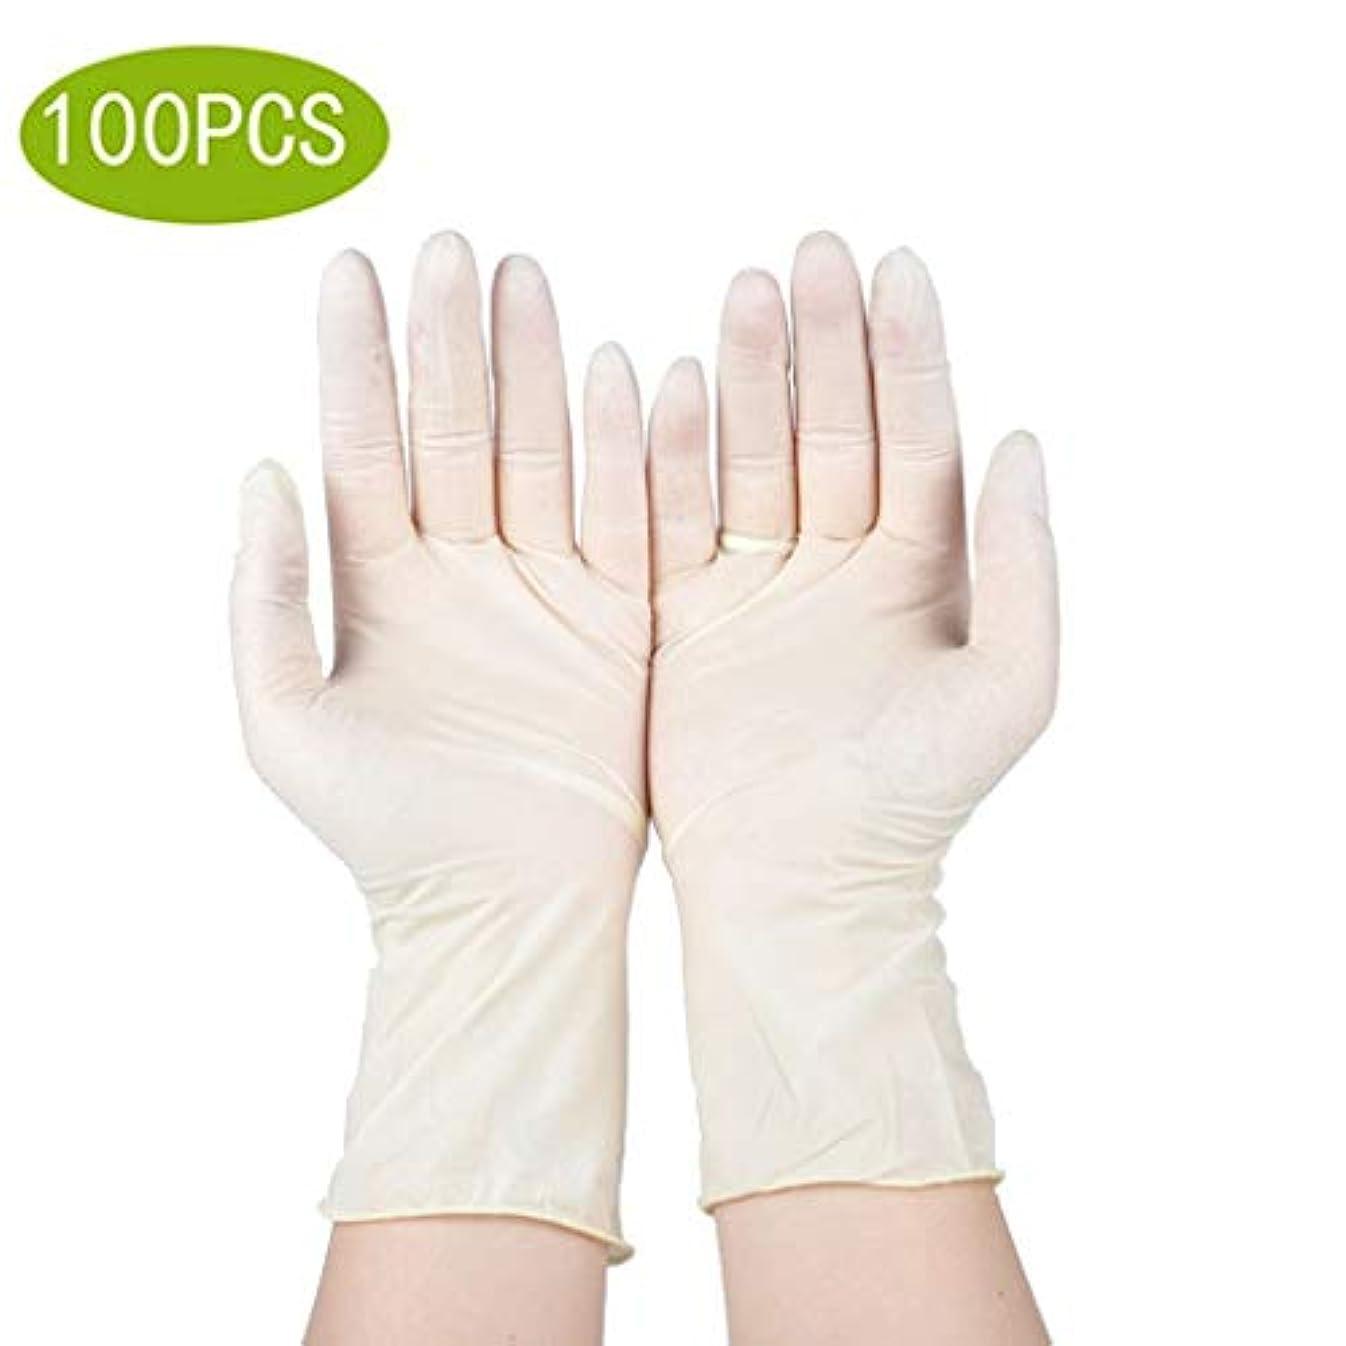 医療検査ラテックス手袋|3ミル厚、ミディアムボックス100パウダーフリー、無菌、頑丈な試験用手袋|病院のための専門の等級、法執行機関、食糧売り手 (Color : Beige, Size : L)